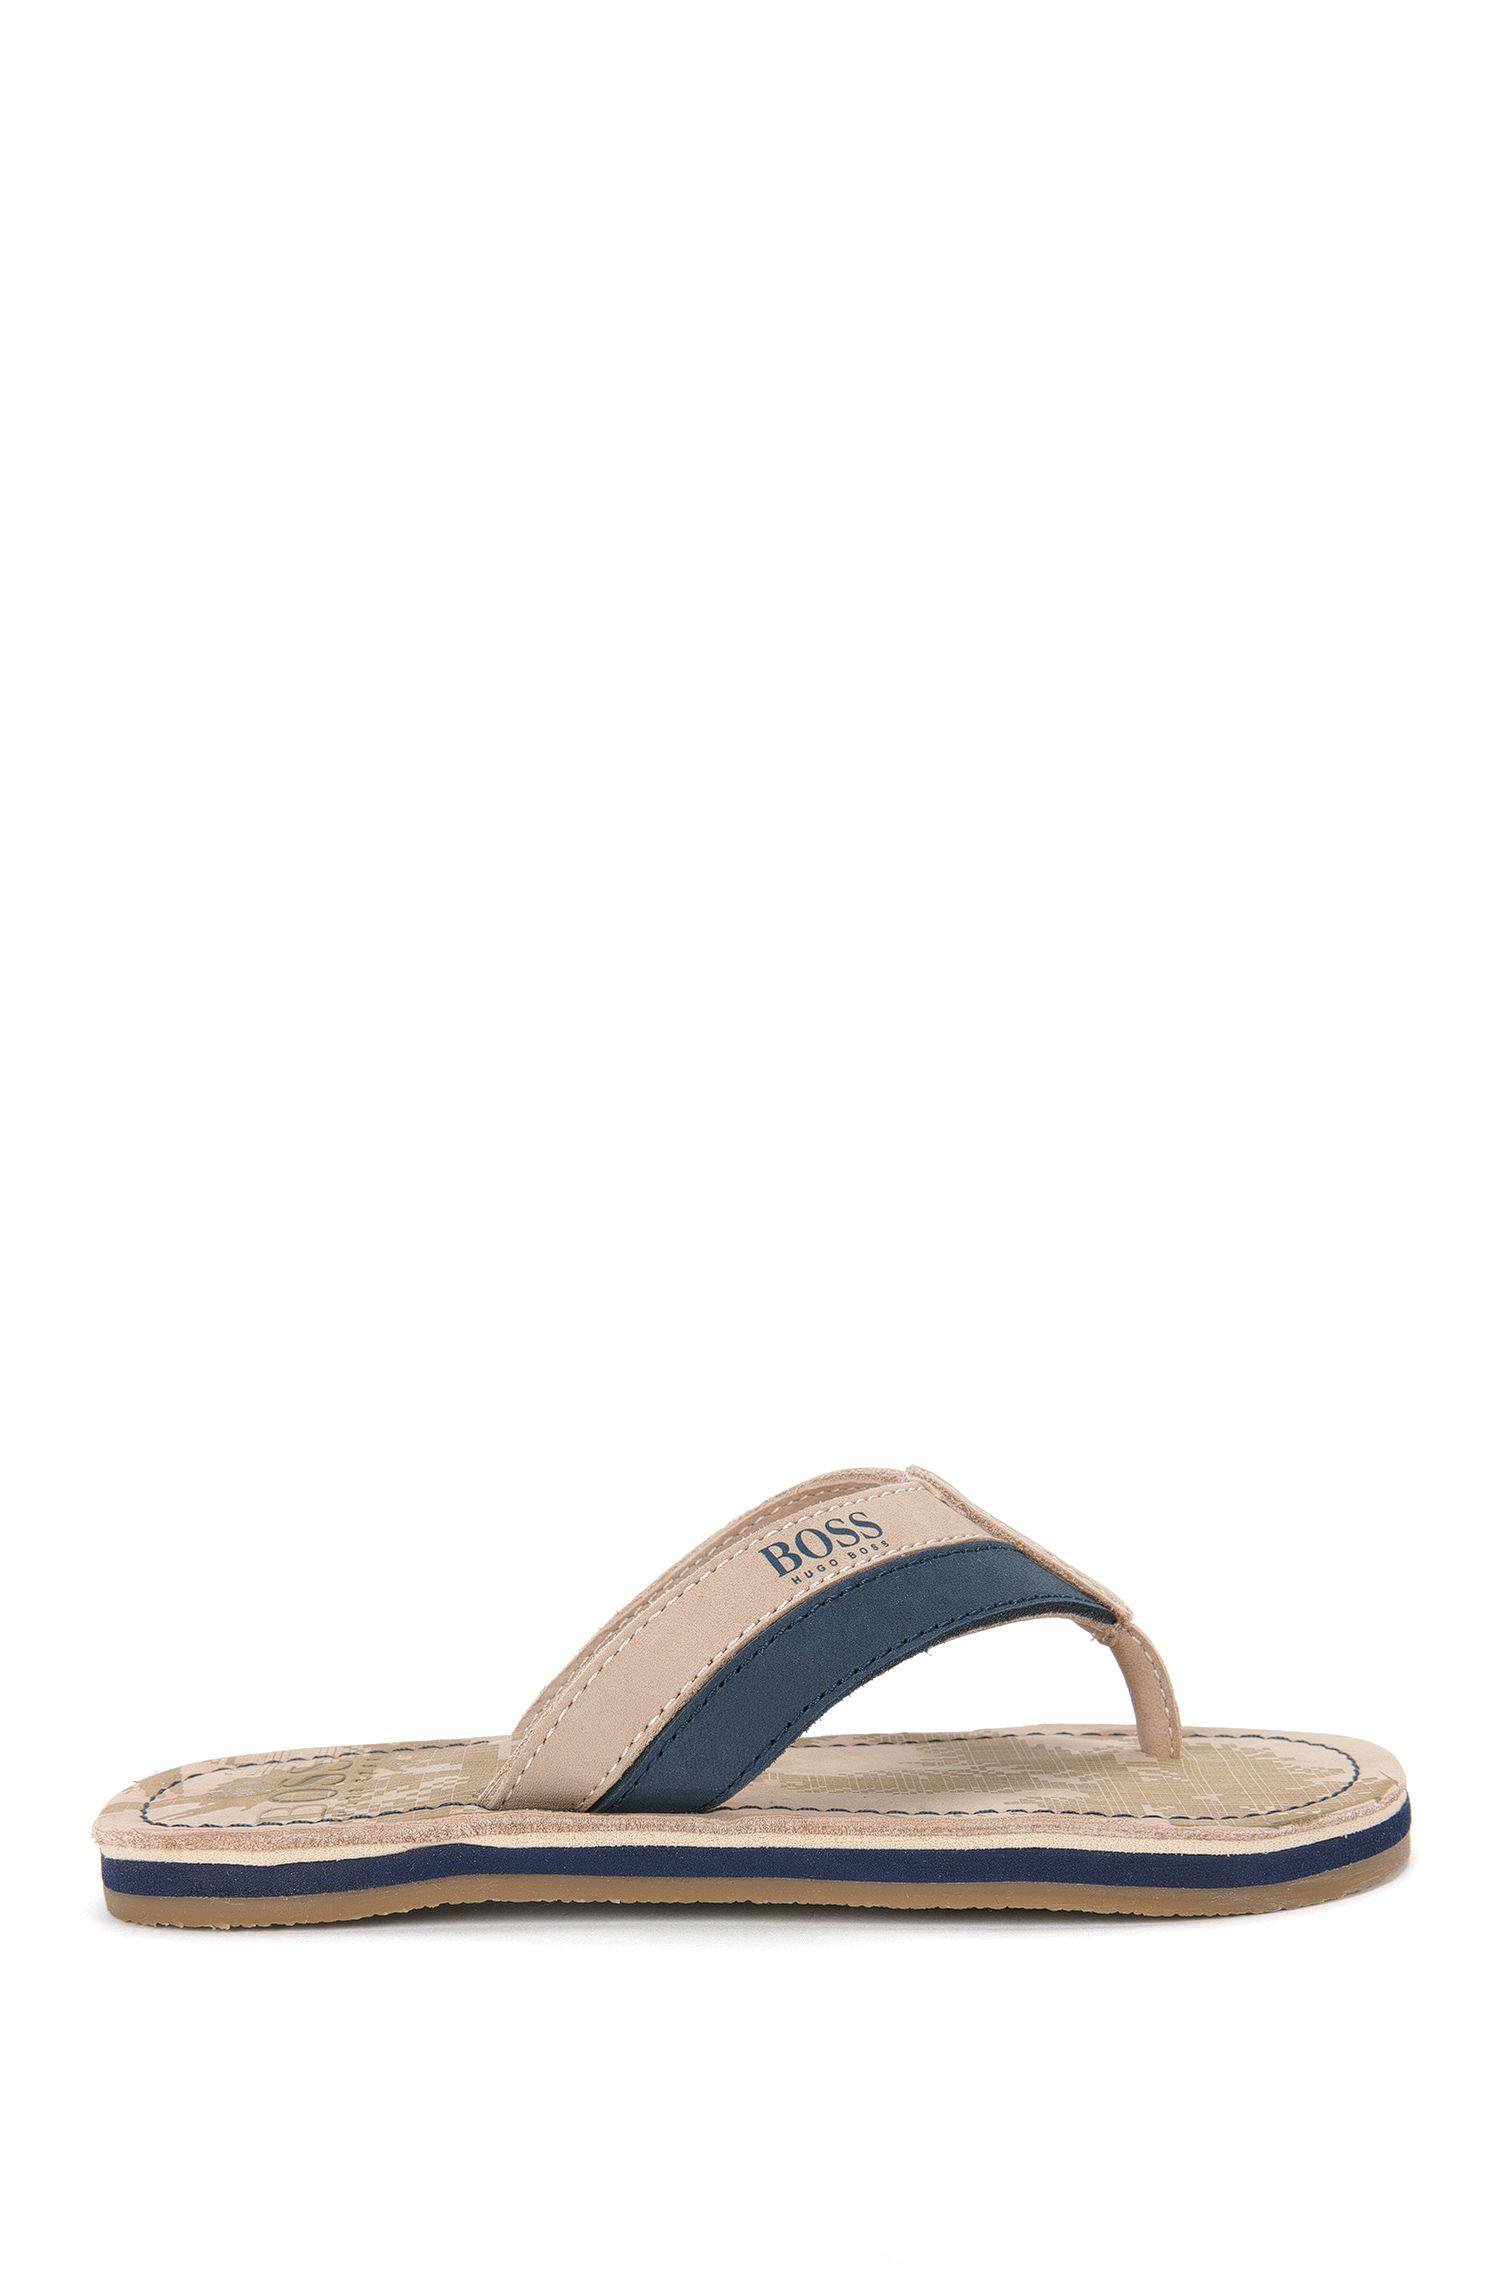 Sandalias de piel impresa para niño: 'J29111'